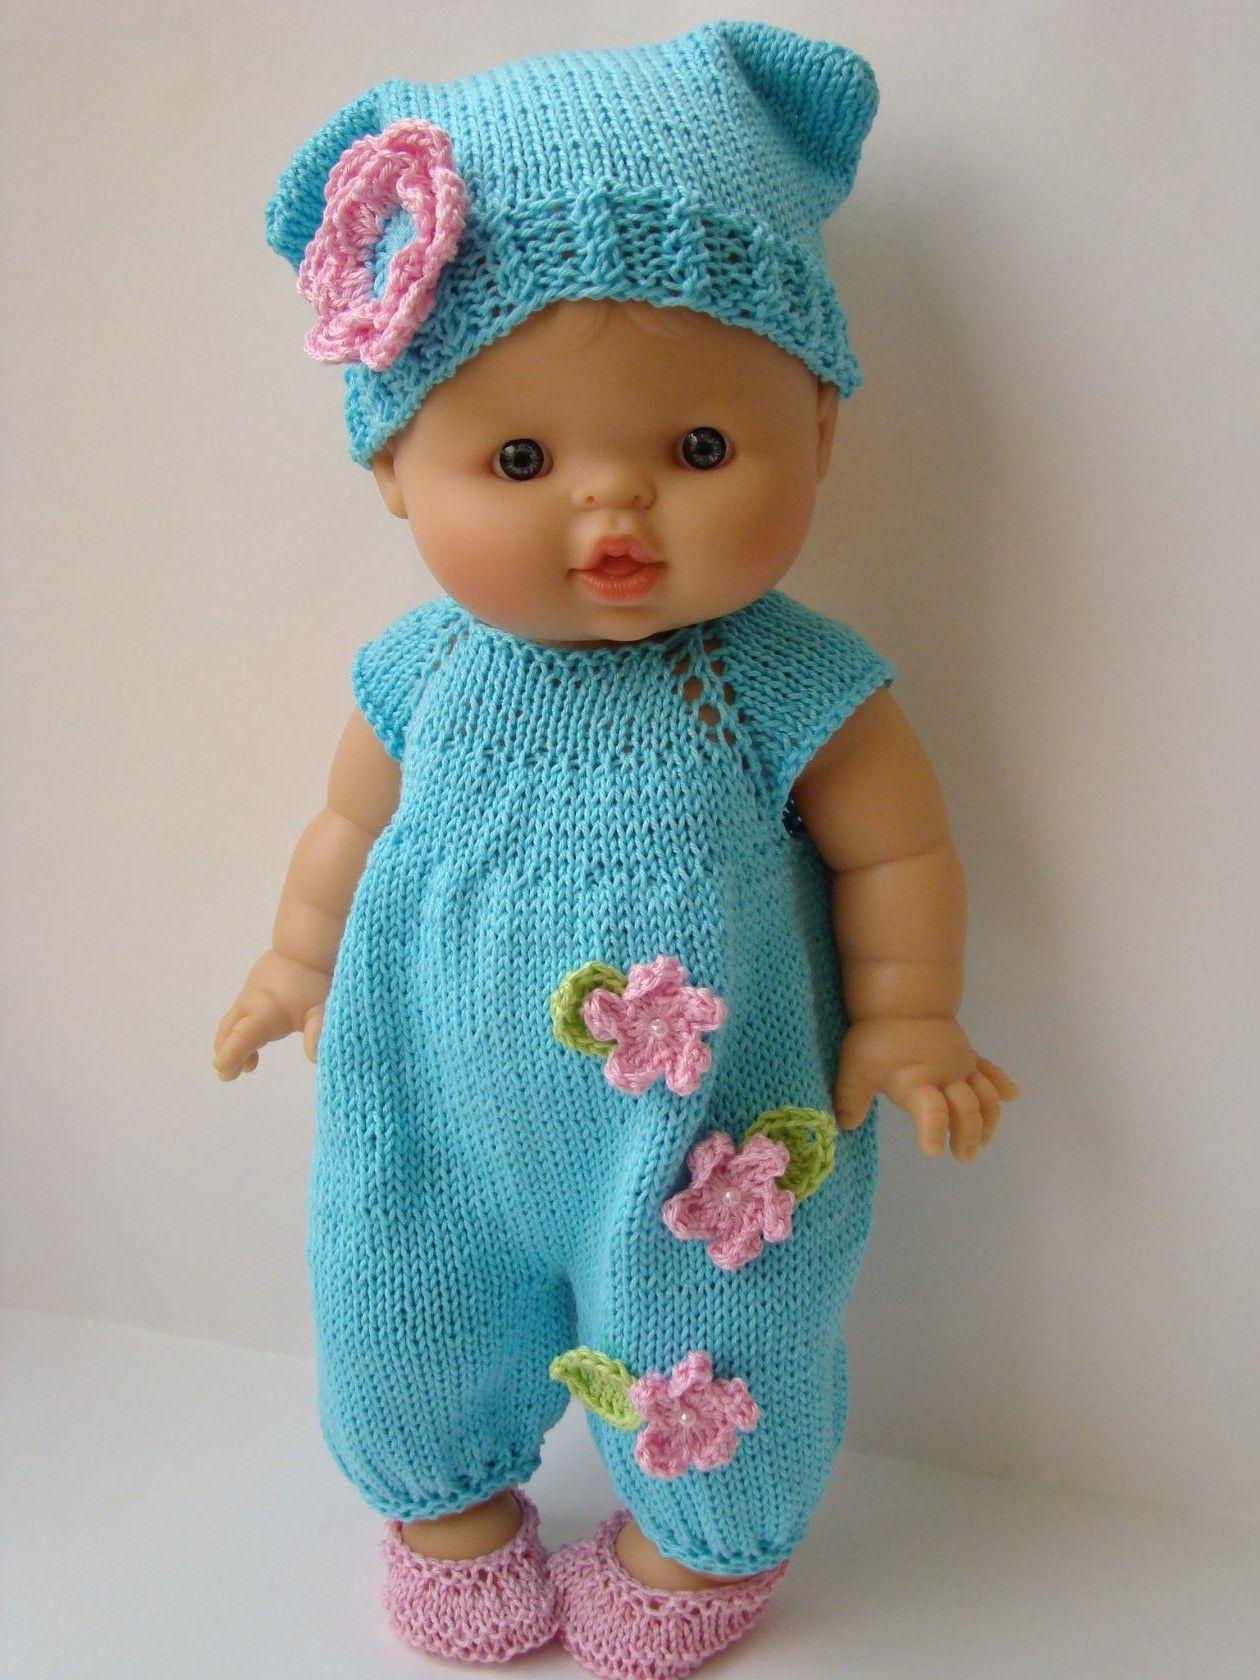 Фотография   Kleding   Pinterest   Puppenkleidung, Puppenkleider und ...